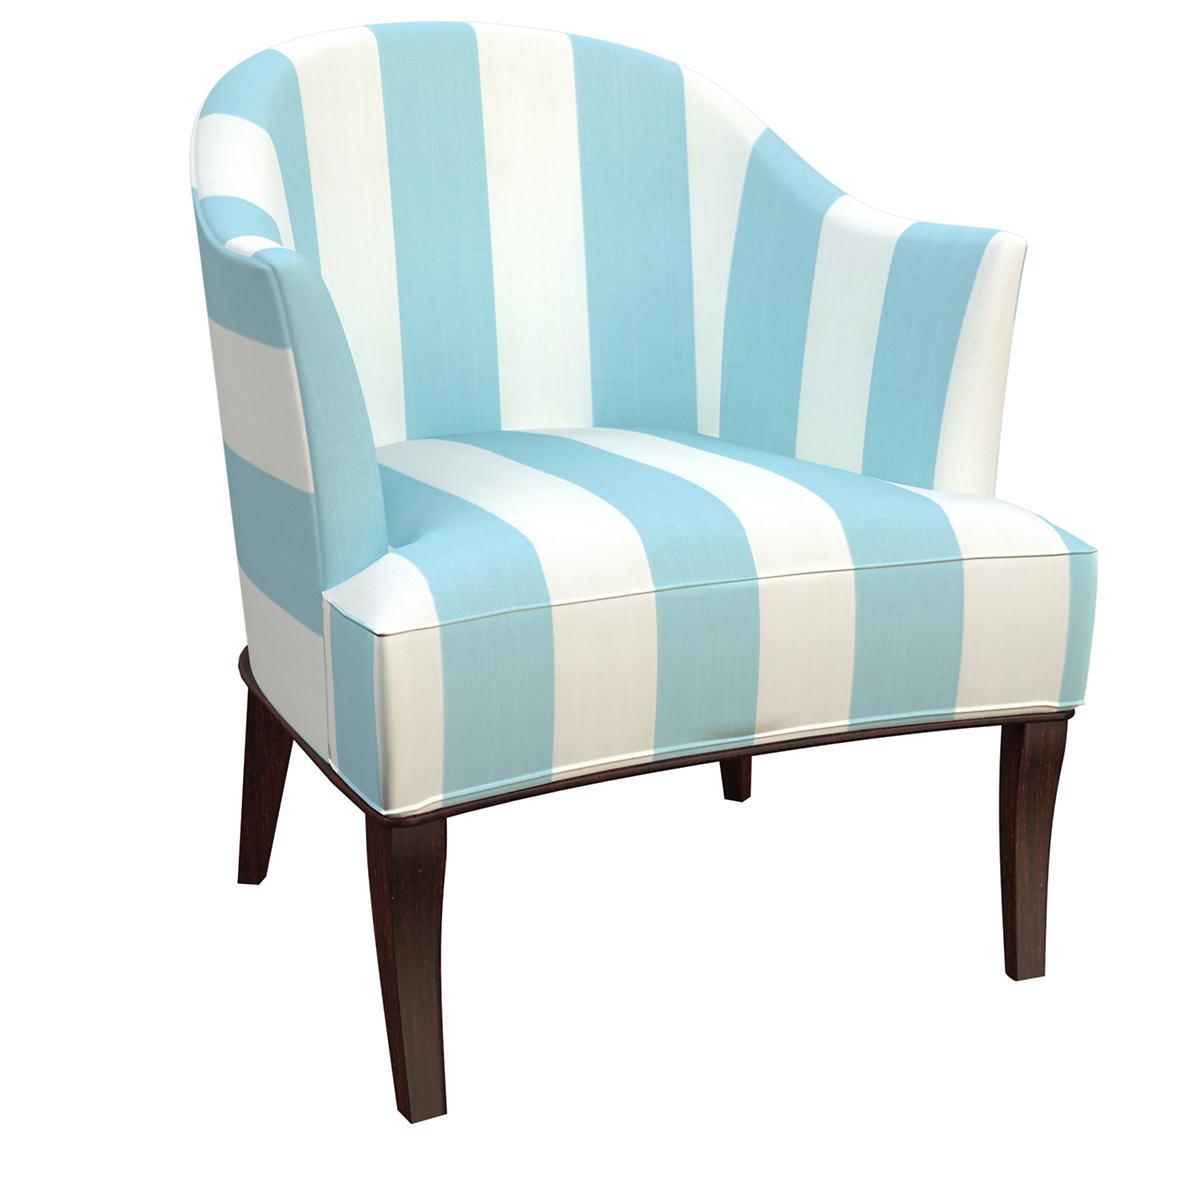 Alex Sky Lyon Chair